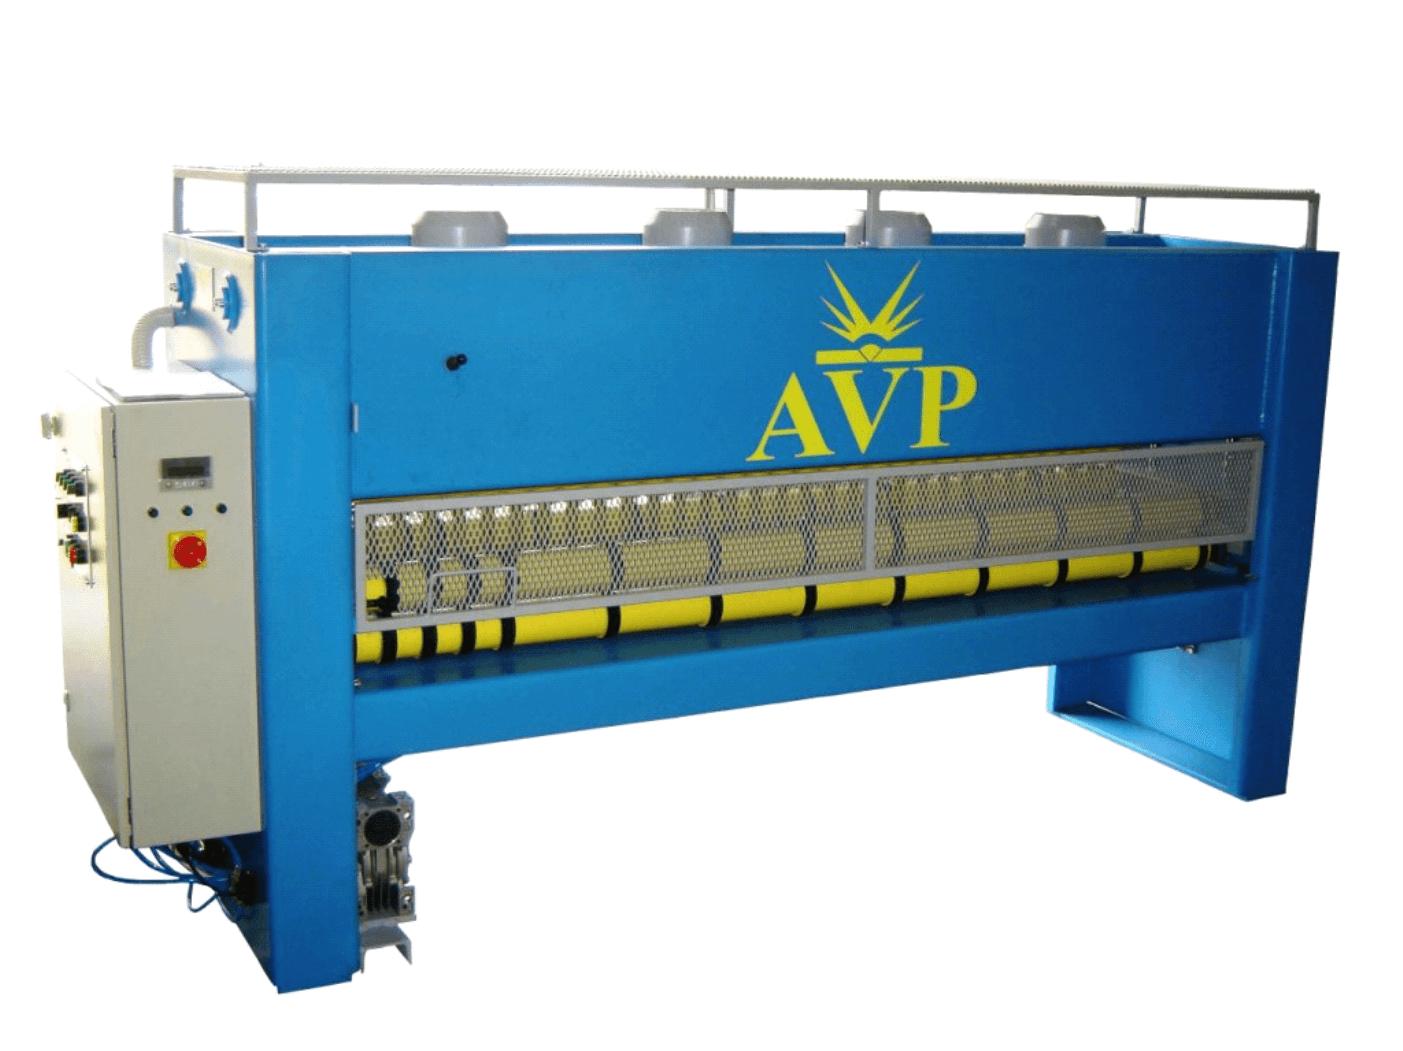 Automat pro dekorativní povrchovou úpravu plechu PA 2001 obrázek